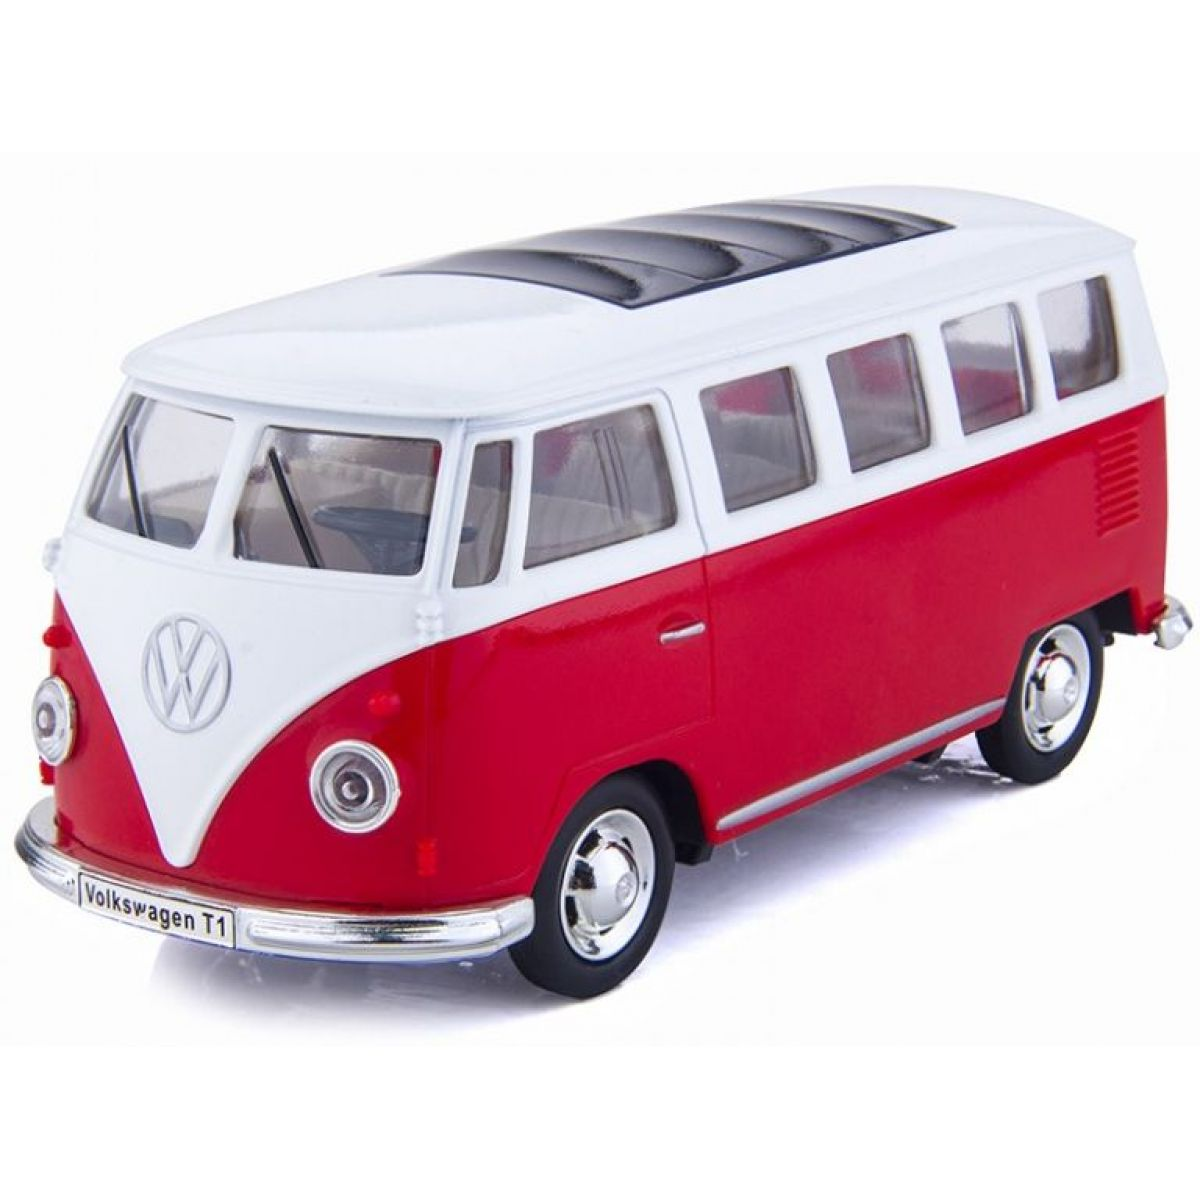 HM Studio kovový model Volkswagen T1 1:30